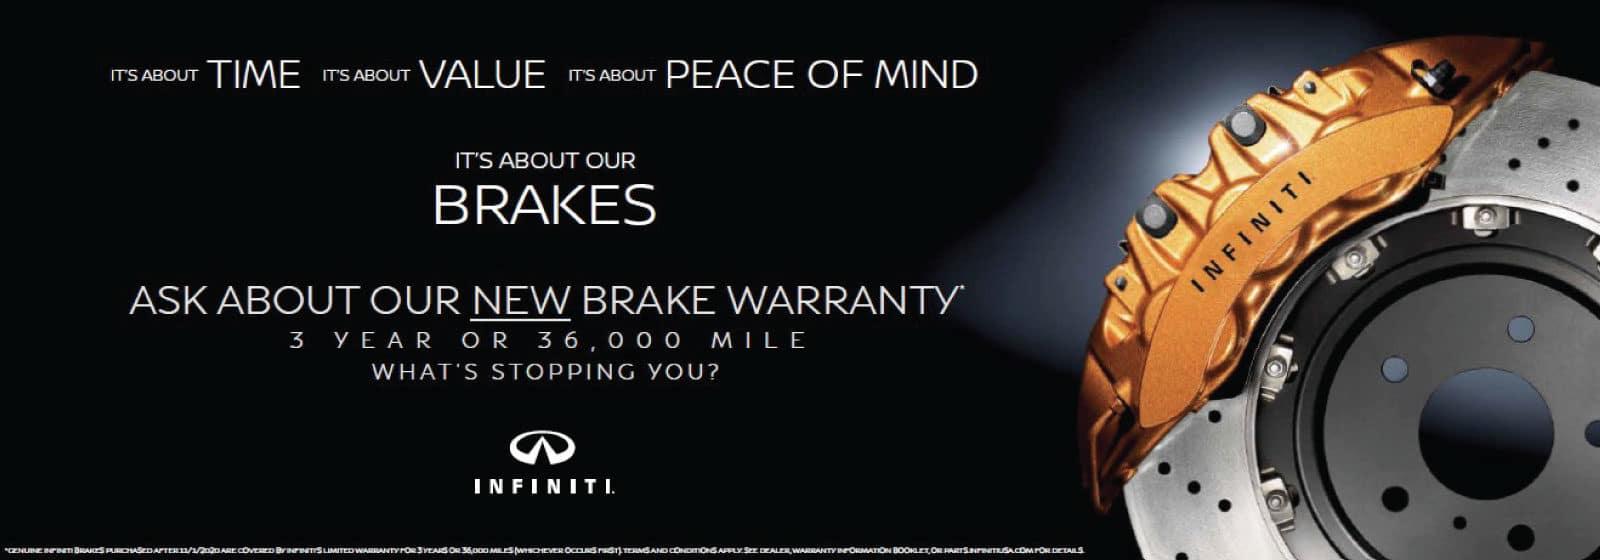 DI-Brakes